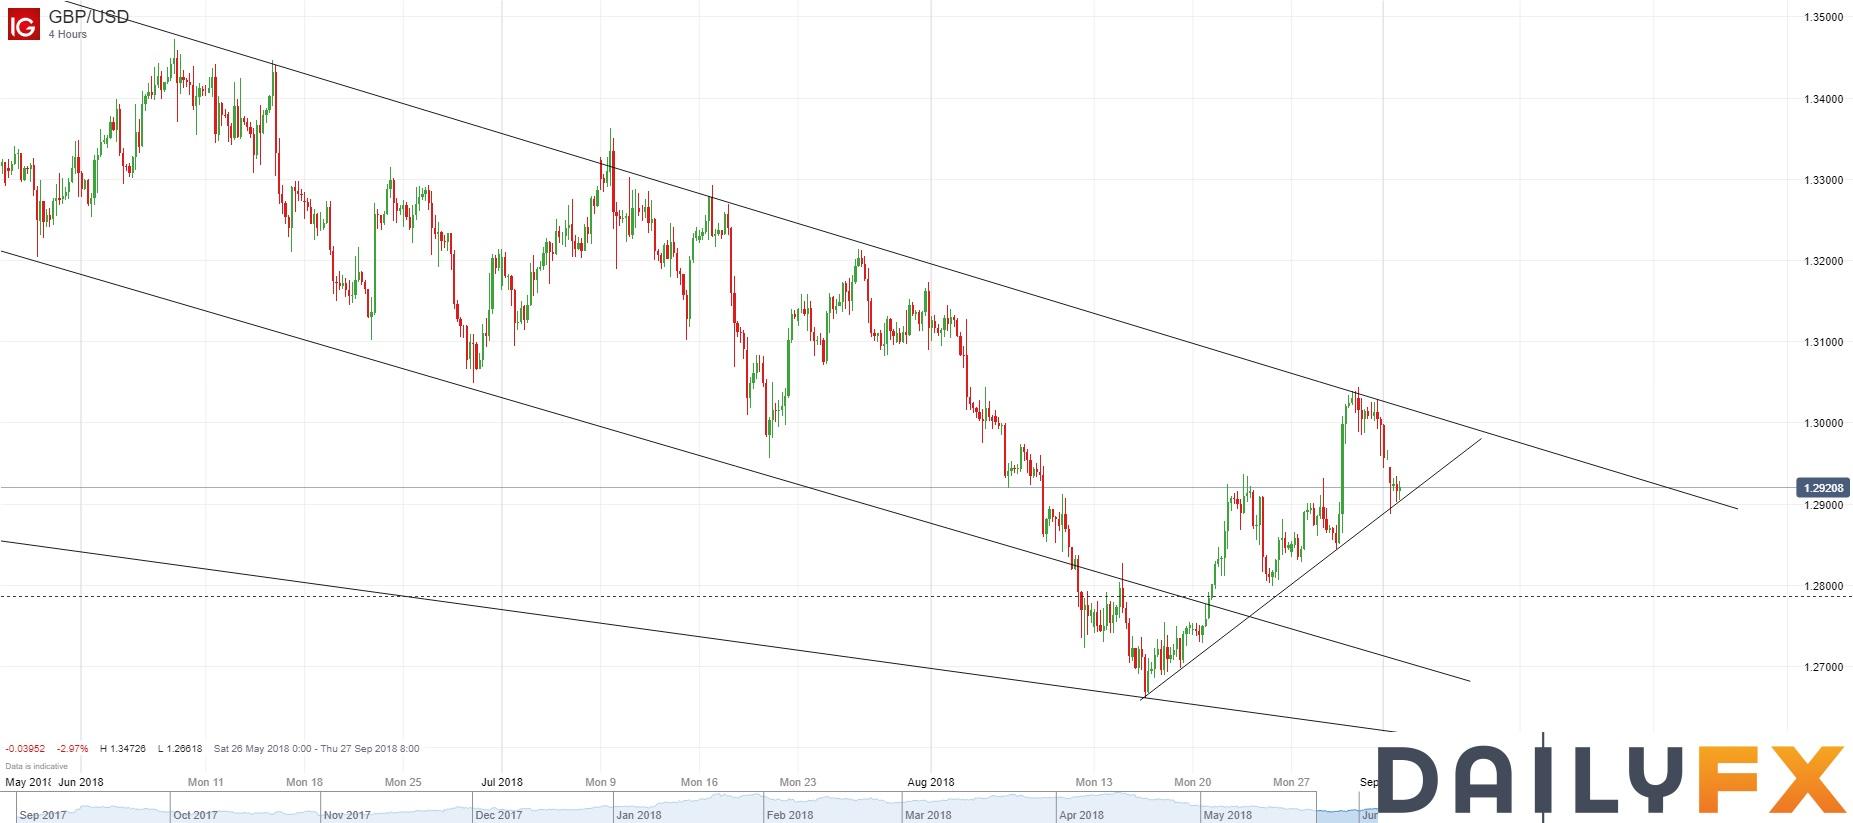 英镑/美元技术分析:4小时图回落至通道下轨附近